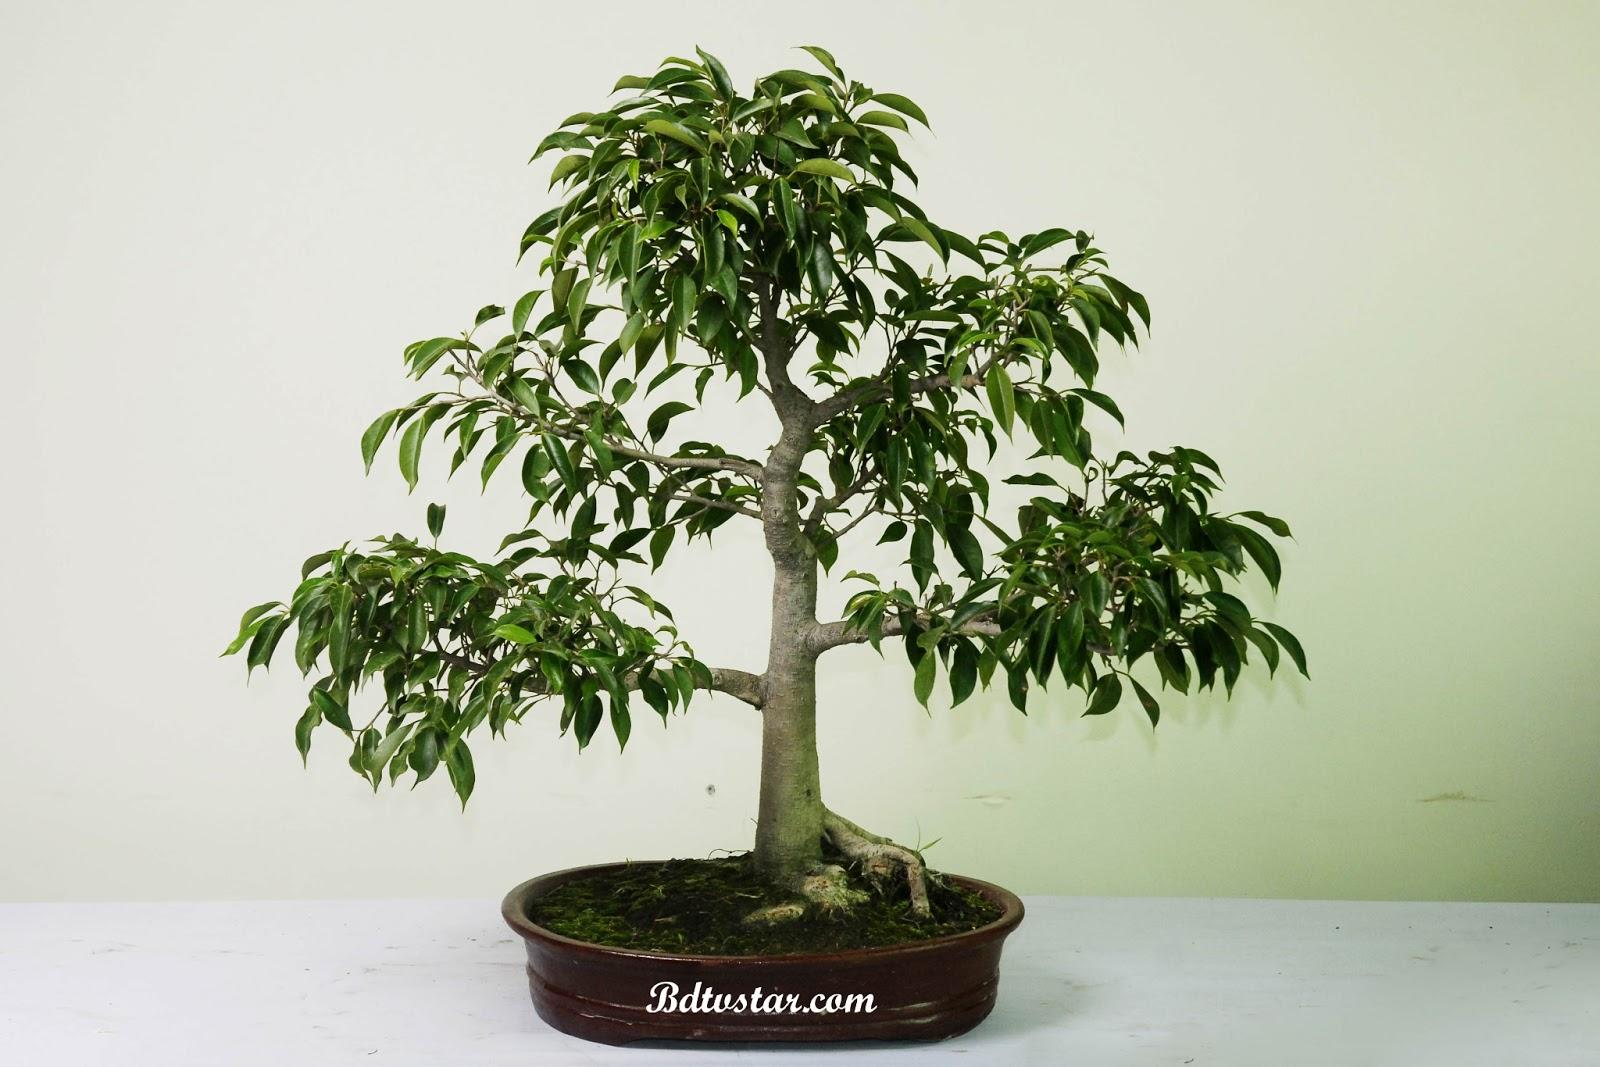 bonsai wallpaper 03 ndash - photo #37